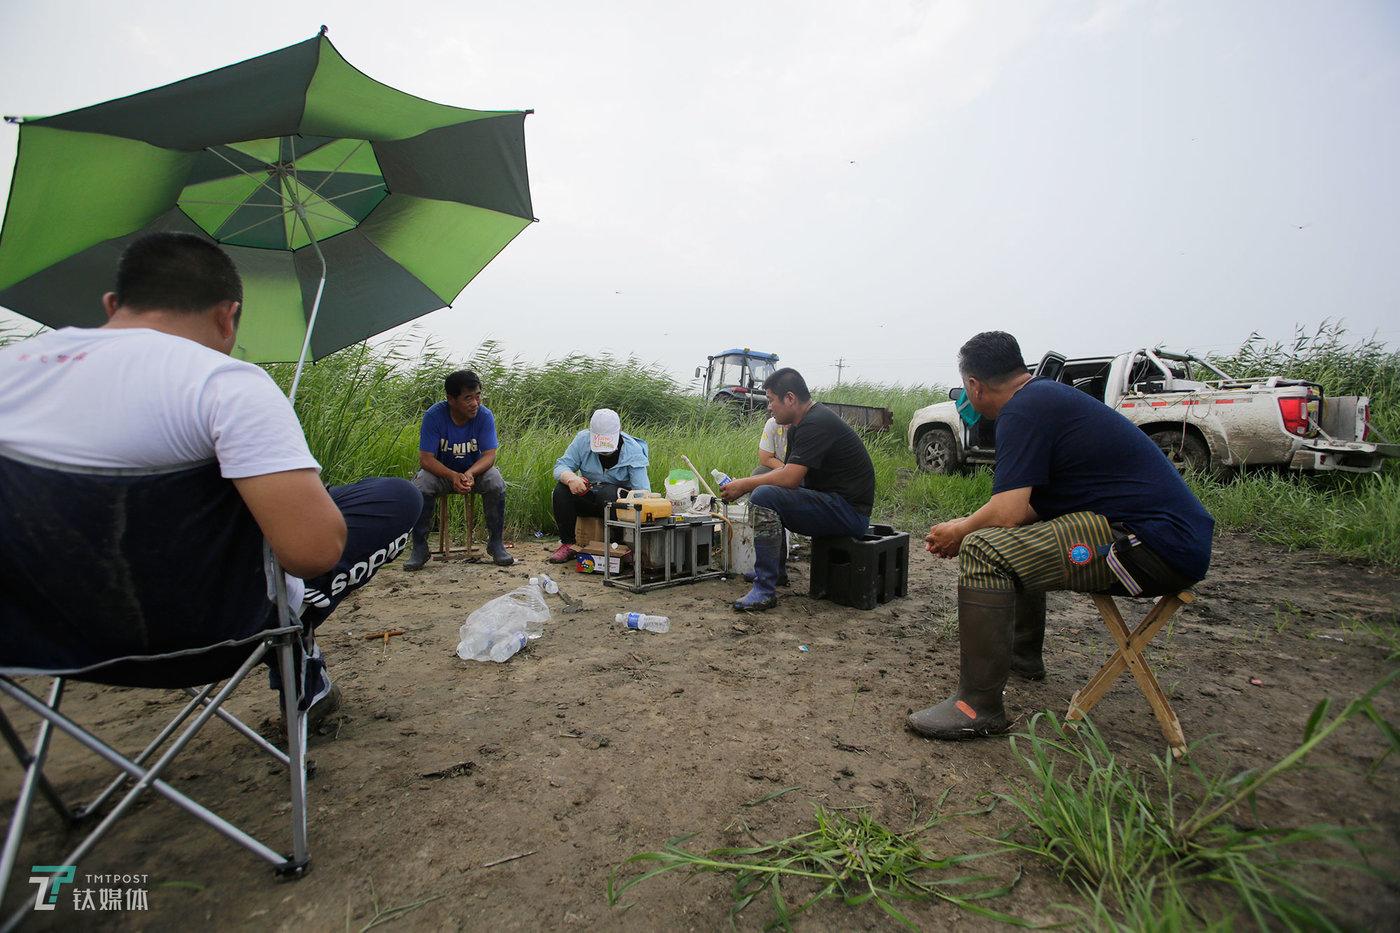 """一个地块的作业还没完成,其他等待作业的农户已经在""""排队""""等待林东旭。林东旭每天早出晚归,每个作业日要完成800亩的工作量,只要不下雨,工作量每天都饱和,农户一般都要提前两天预约。遇到订单特别多,尤其是闹病虫害的时候,林东旭还会外调飞机来帮助作业。"""